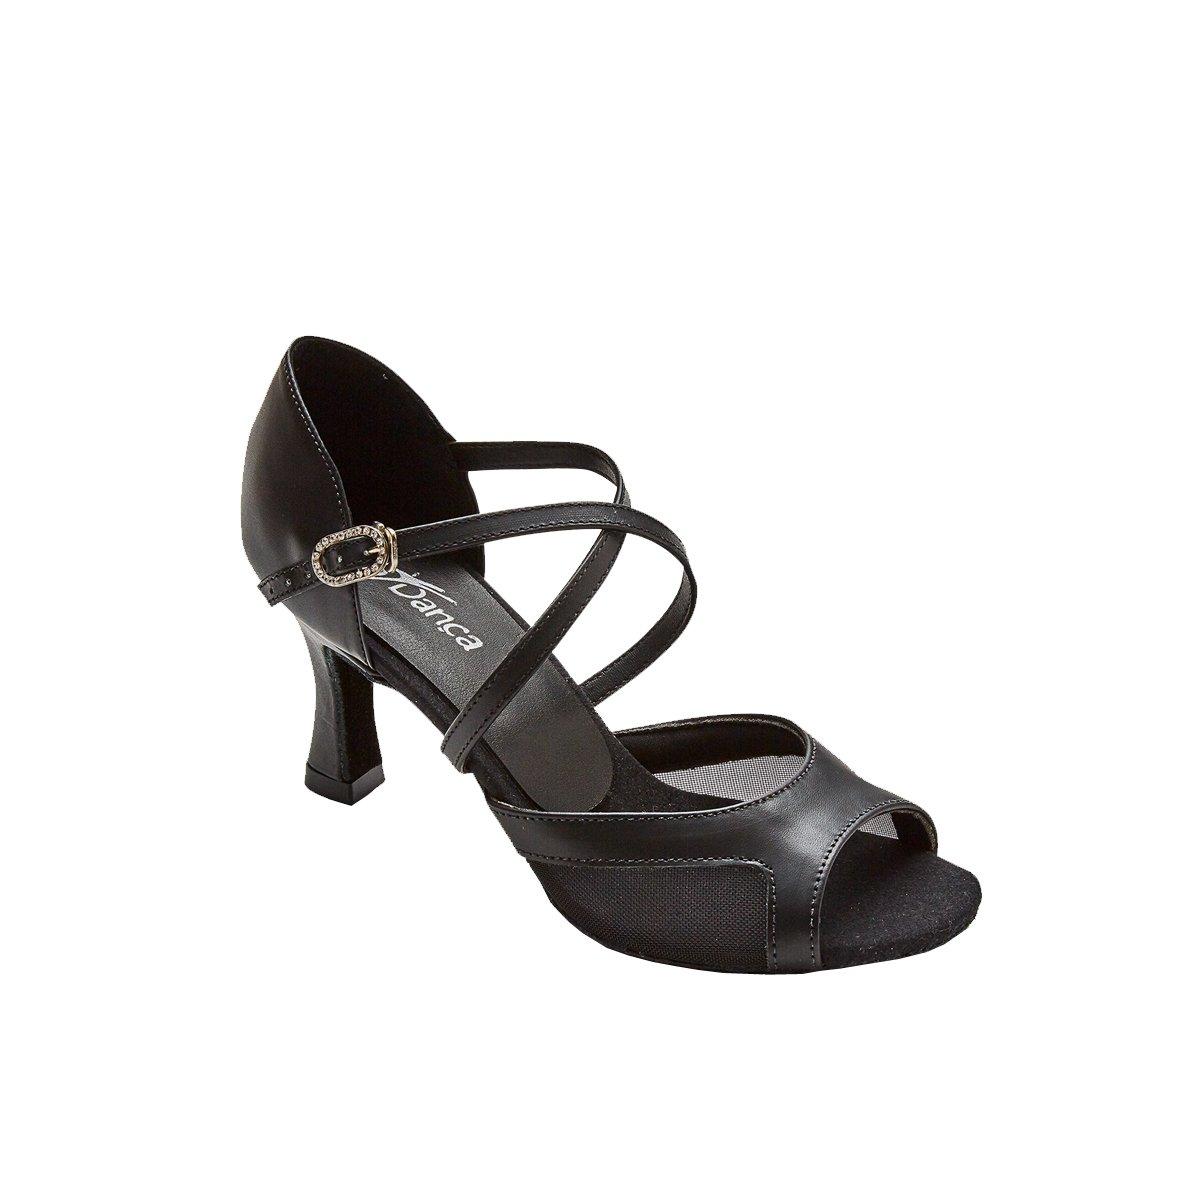 Sodanca Bl-172 Adult Reba Open Toe Ballroom Shoe